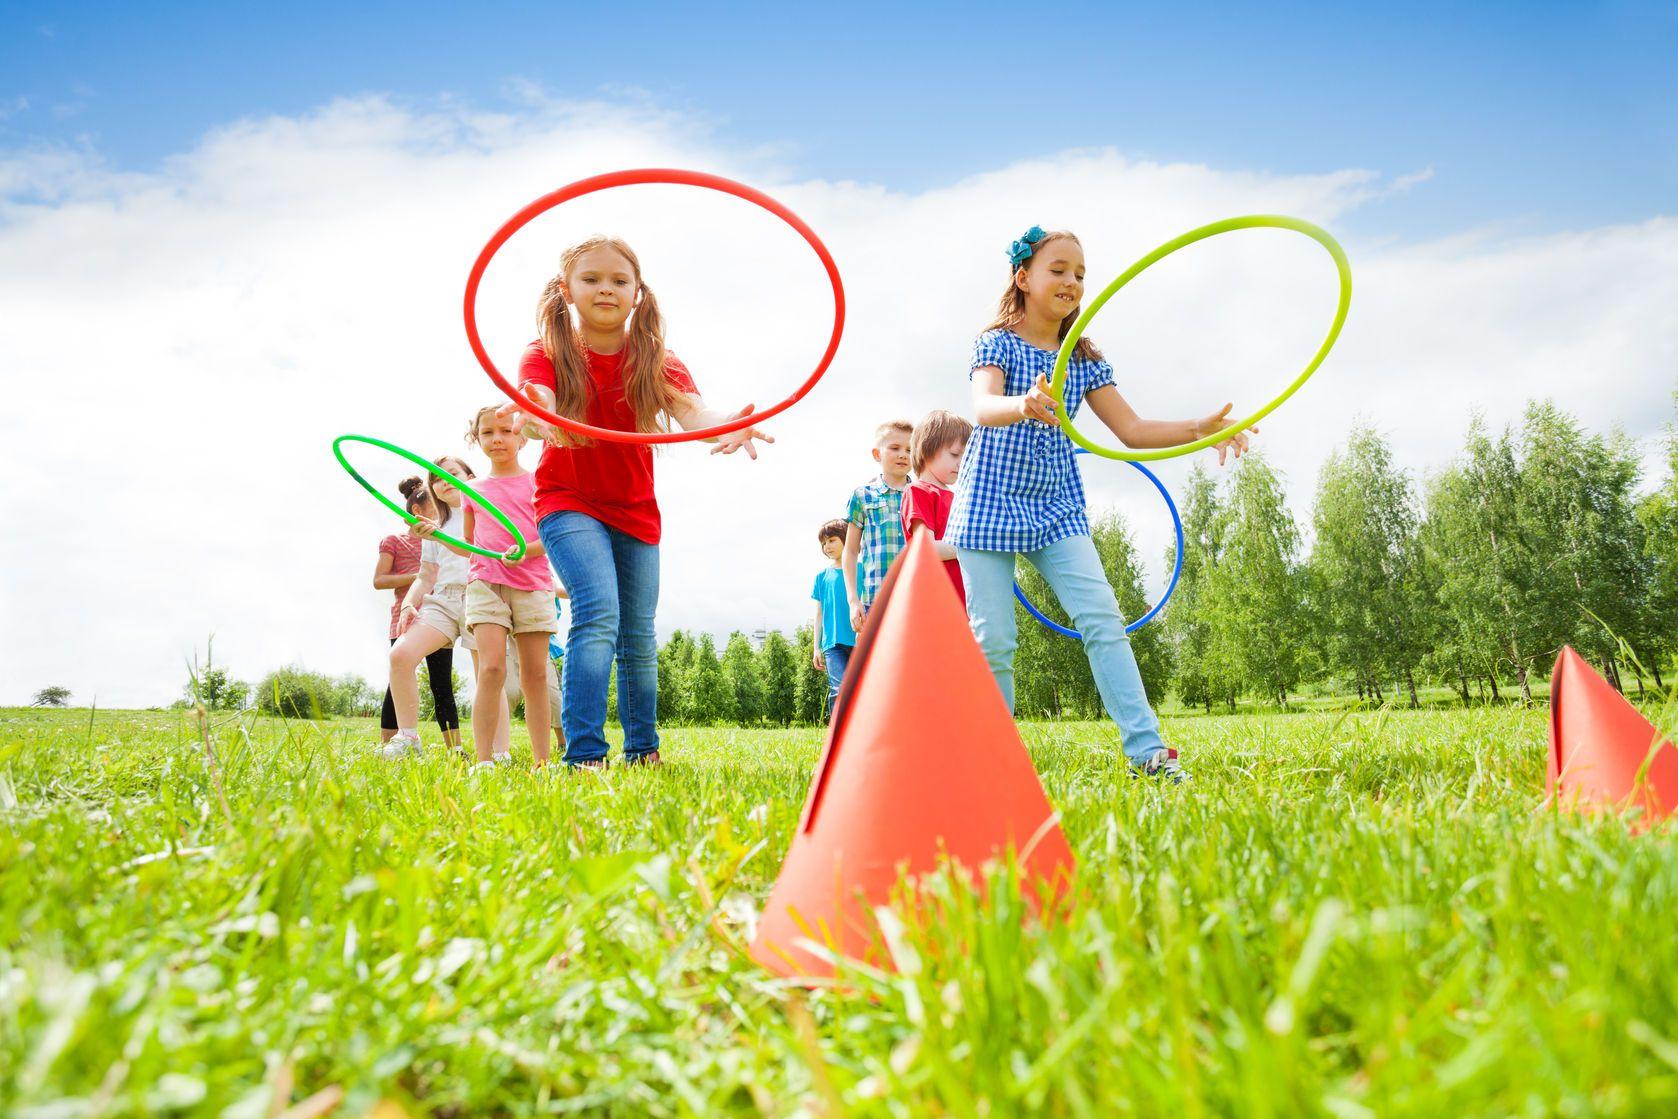 Juegos-de-Campamento-para-Niños-de-6-a-12-años-3